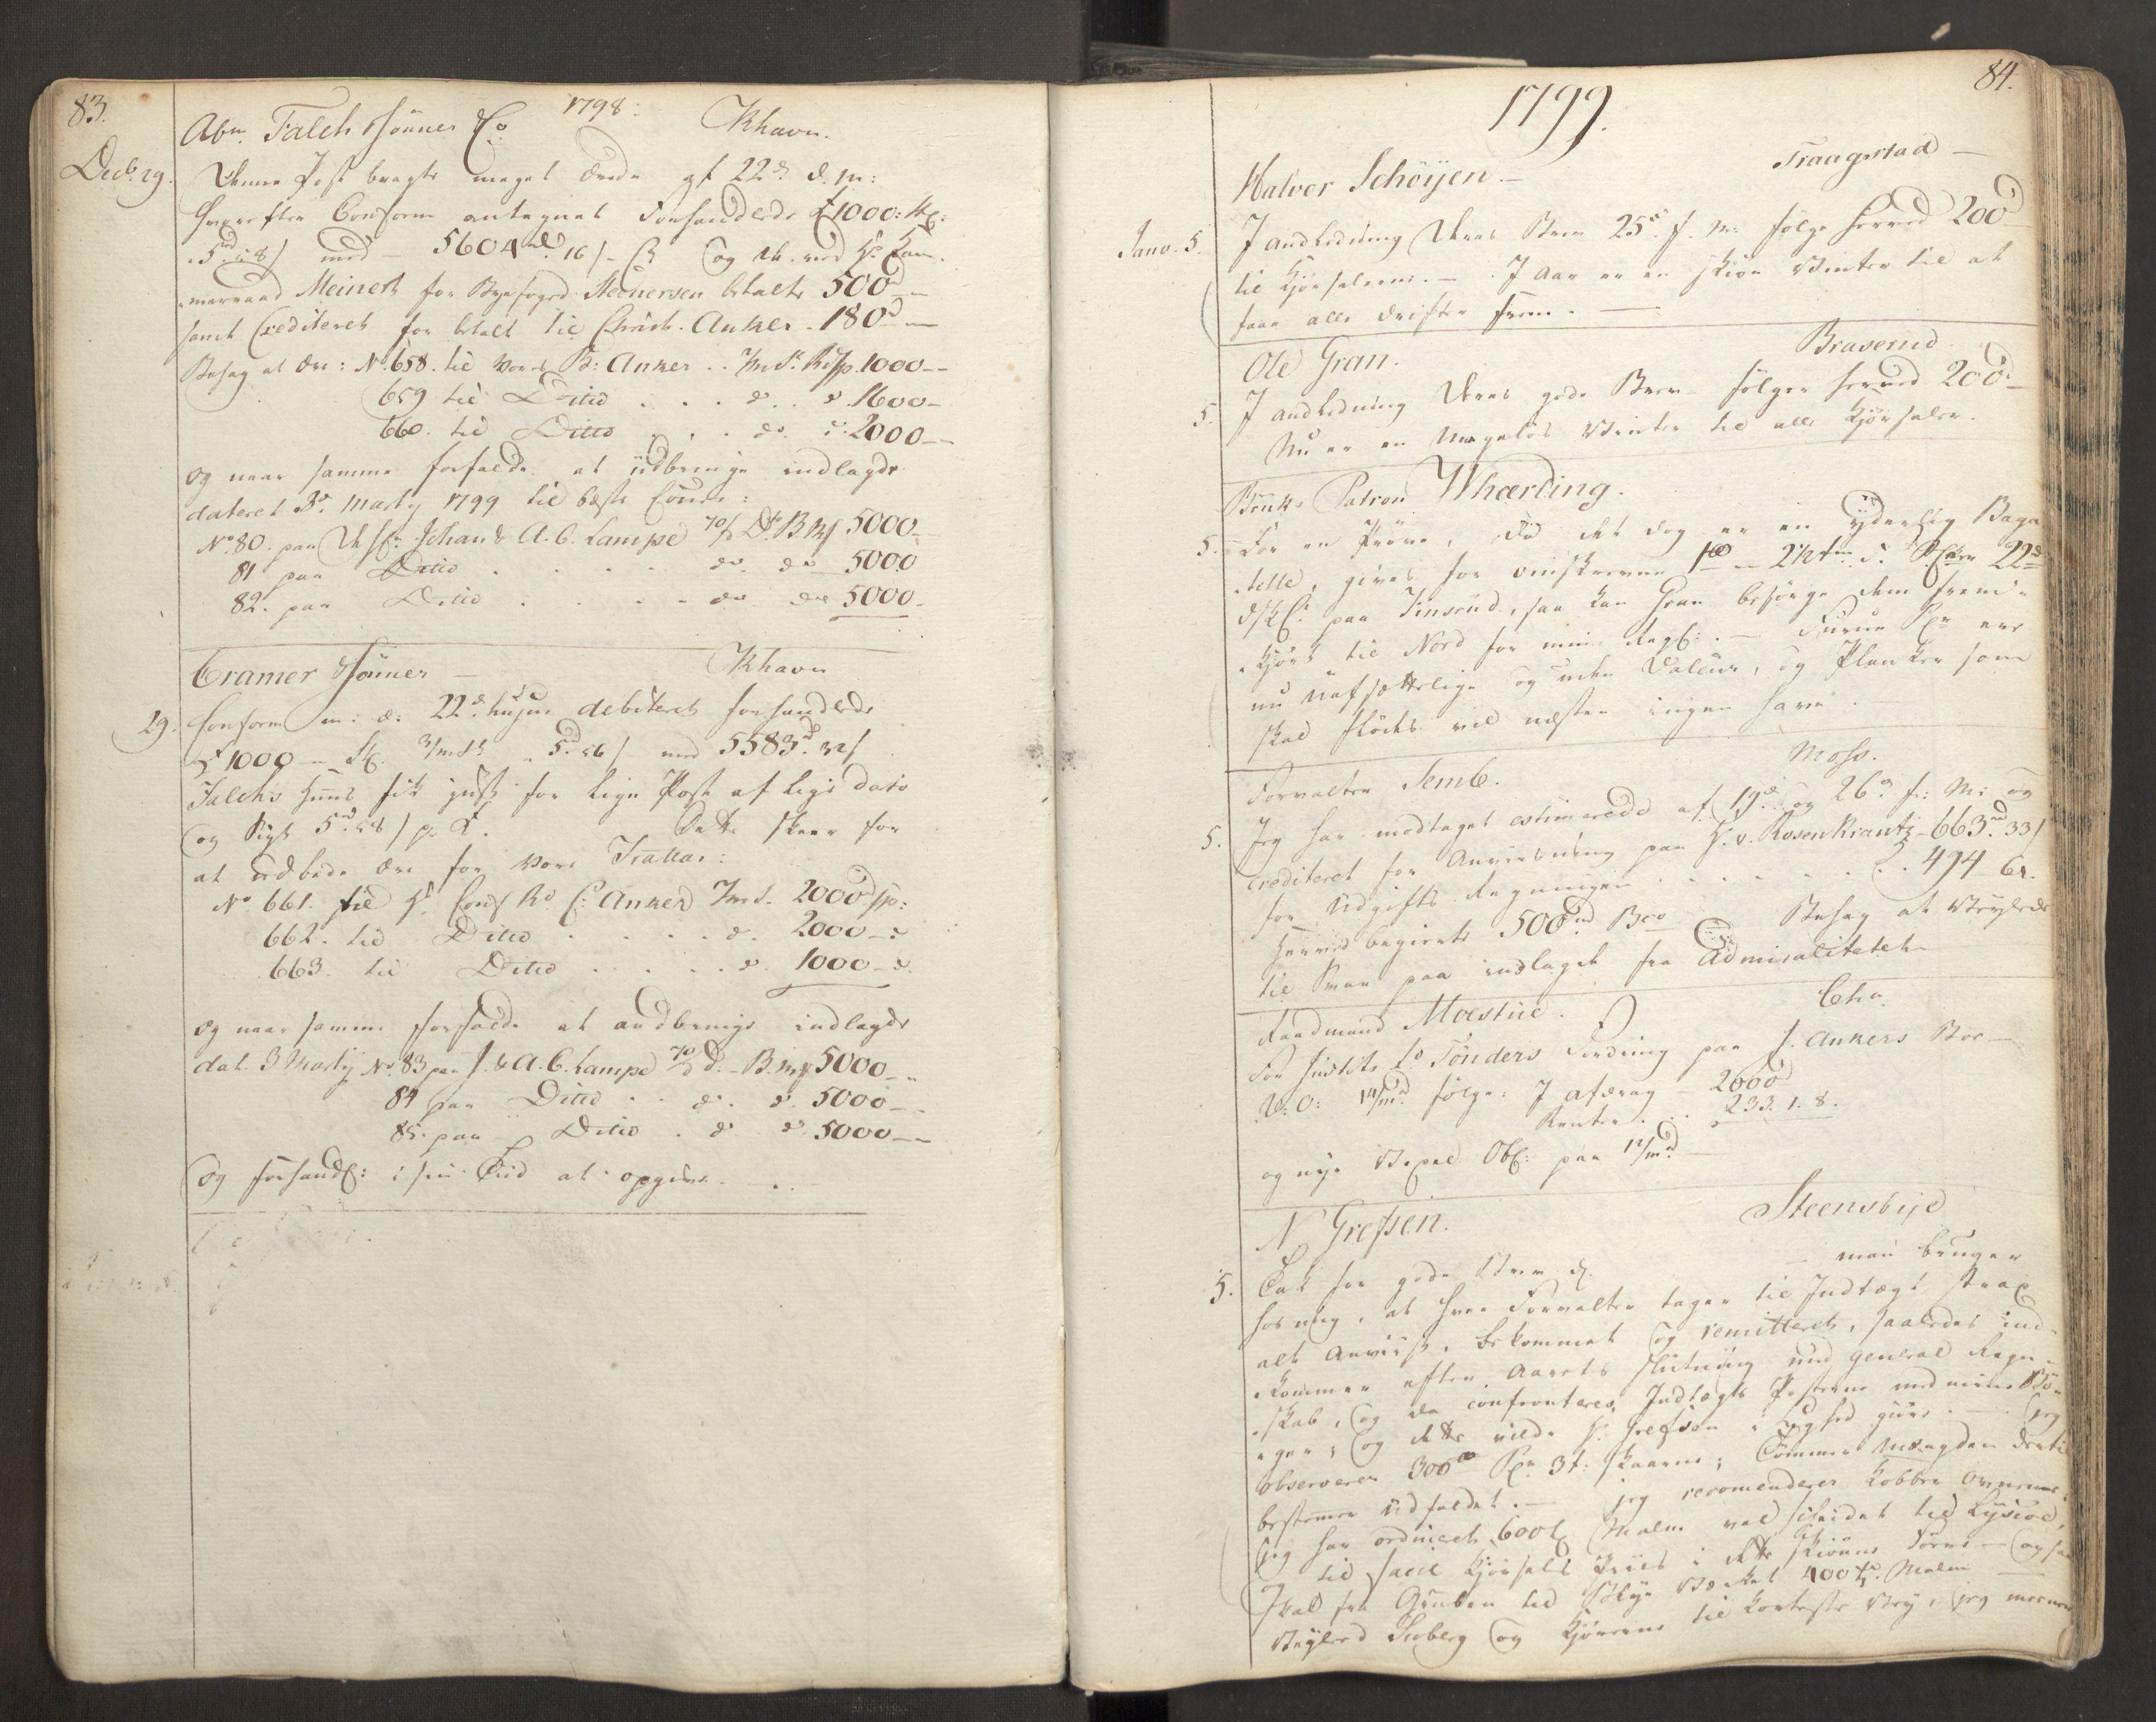 RA, Anker, F/Fa/Gea/L0002, 1798-1801, s. 83-84